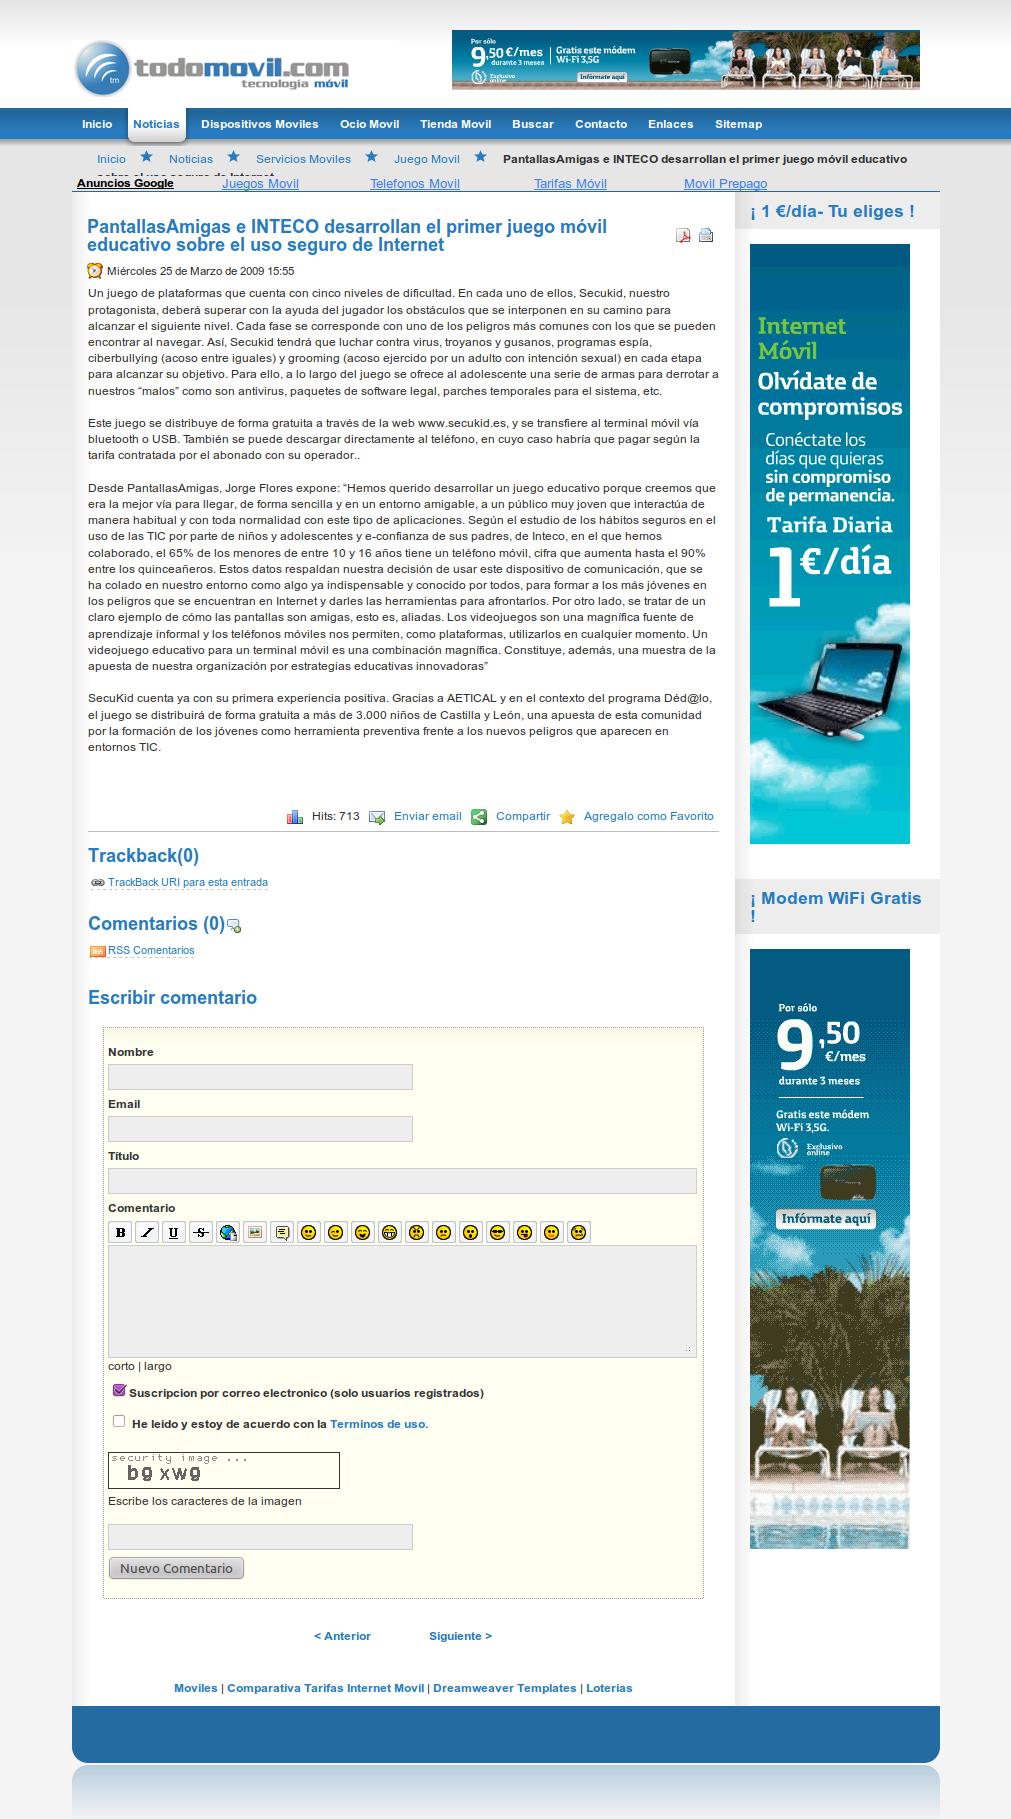 PantallasAmigas e INTECO desarrollan el primer juego móvil educativo sobre el uso seguro de Internet